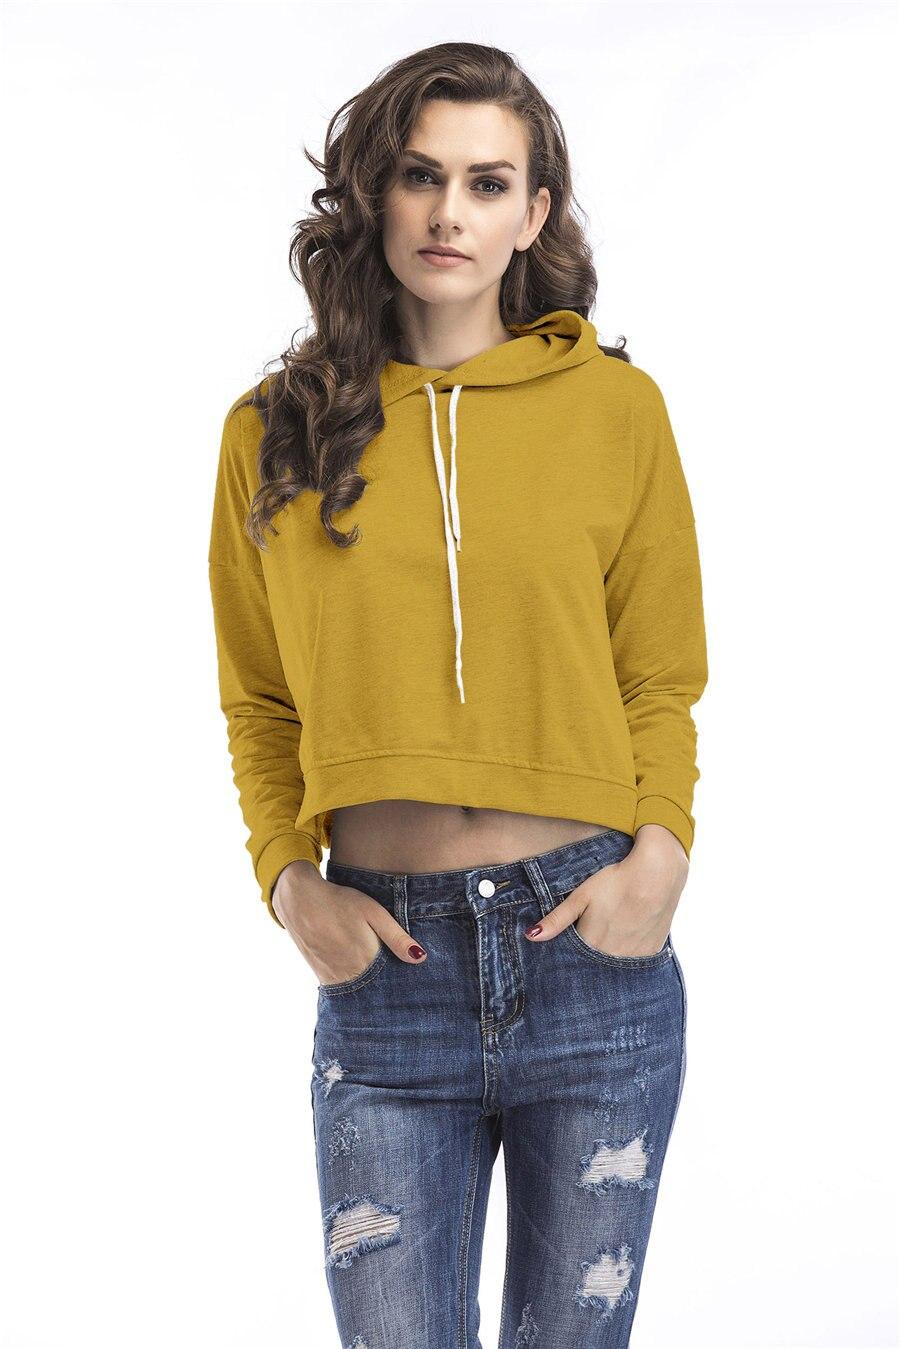 Gladiolus Spring Hooded Hoodies Women Long Sleeve Sexy Crop Top 2019 Short Slim Sweatshirt Women Loose Pullover Tracksuit Tops (9)